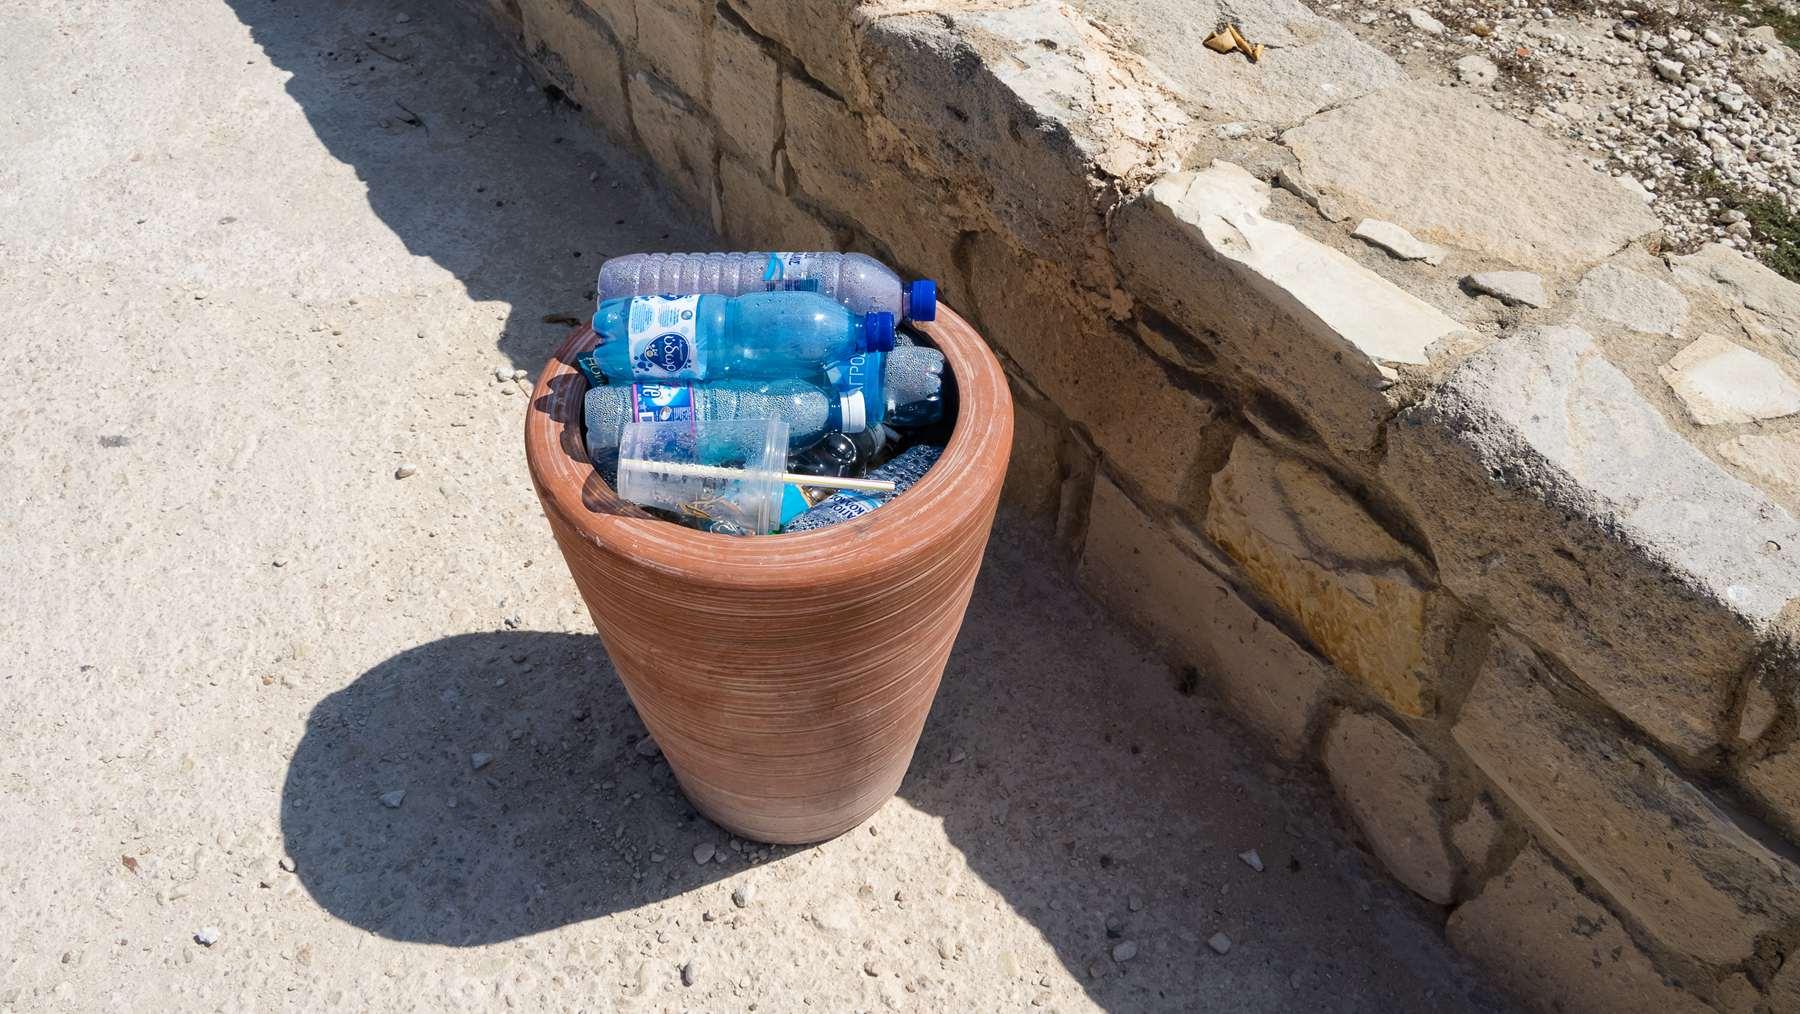 Туристы в Курионе в августе побивают рекорды употребления воды